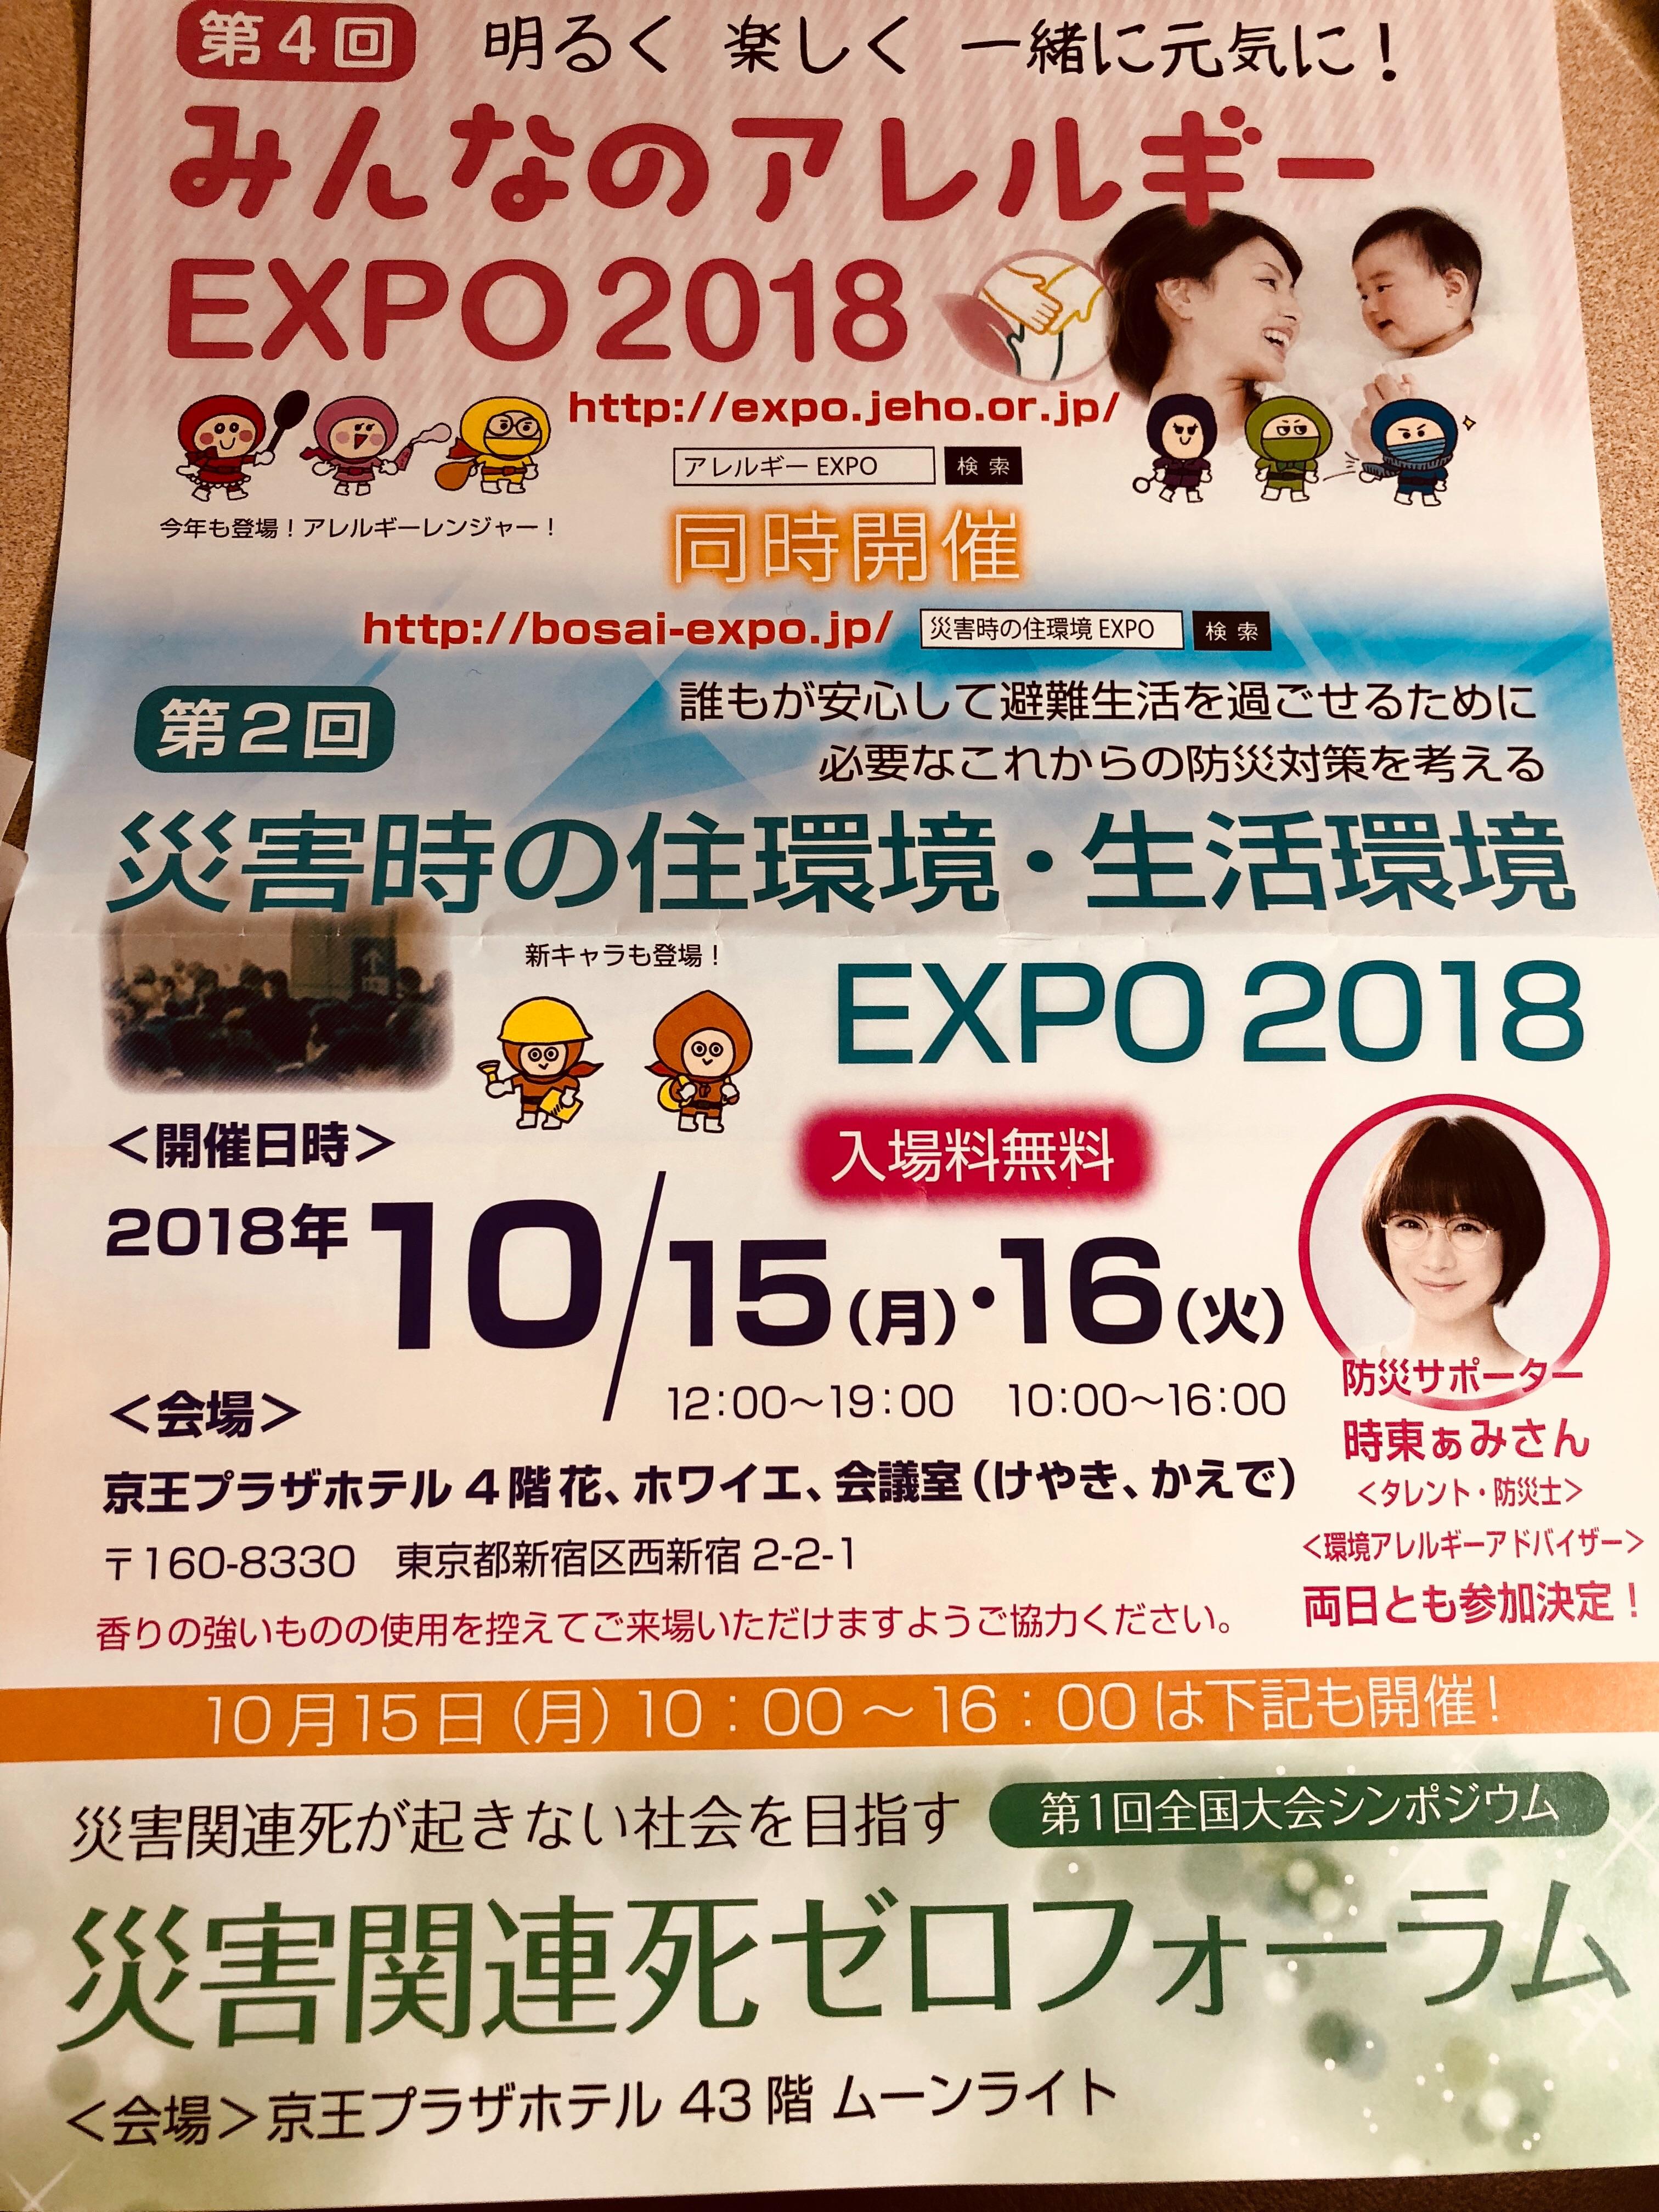 f:id:allergy_nagasakikko:20180916204545j:image